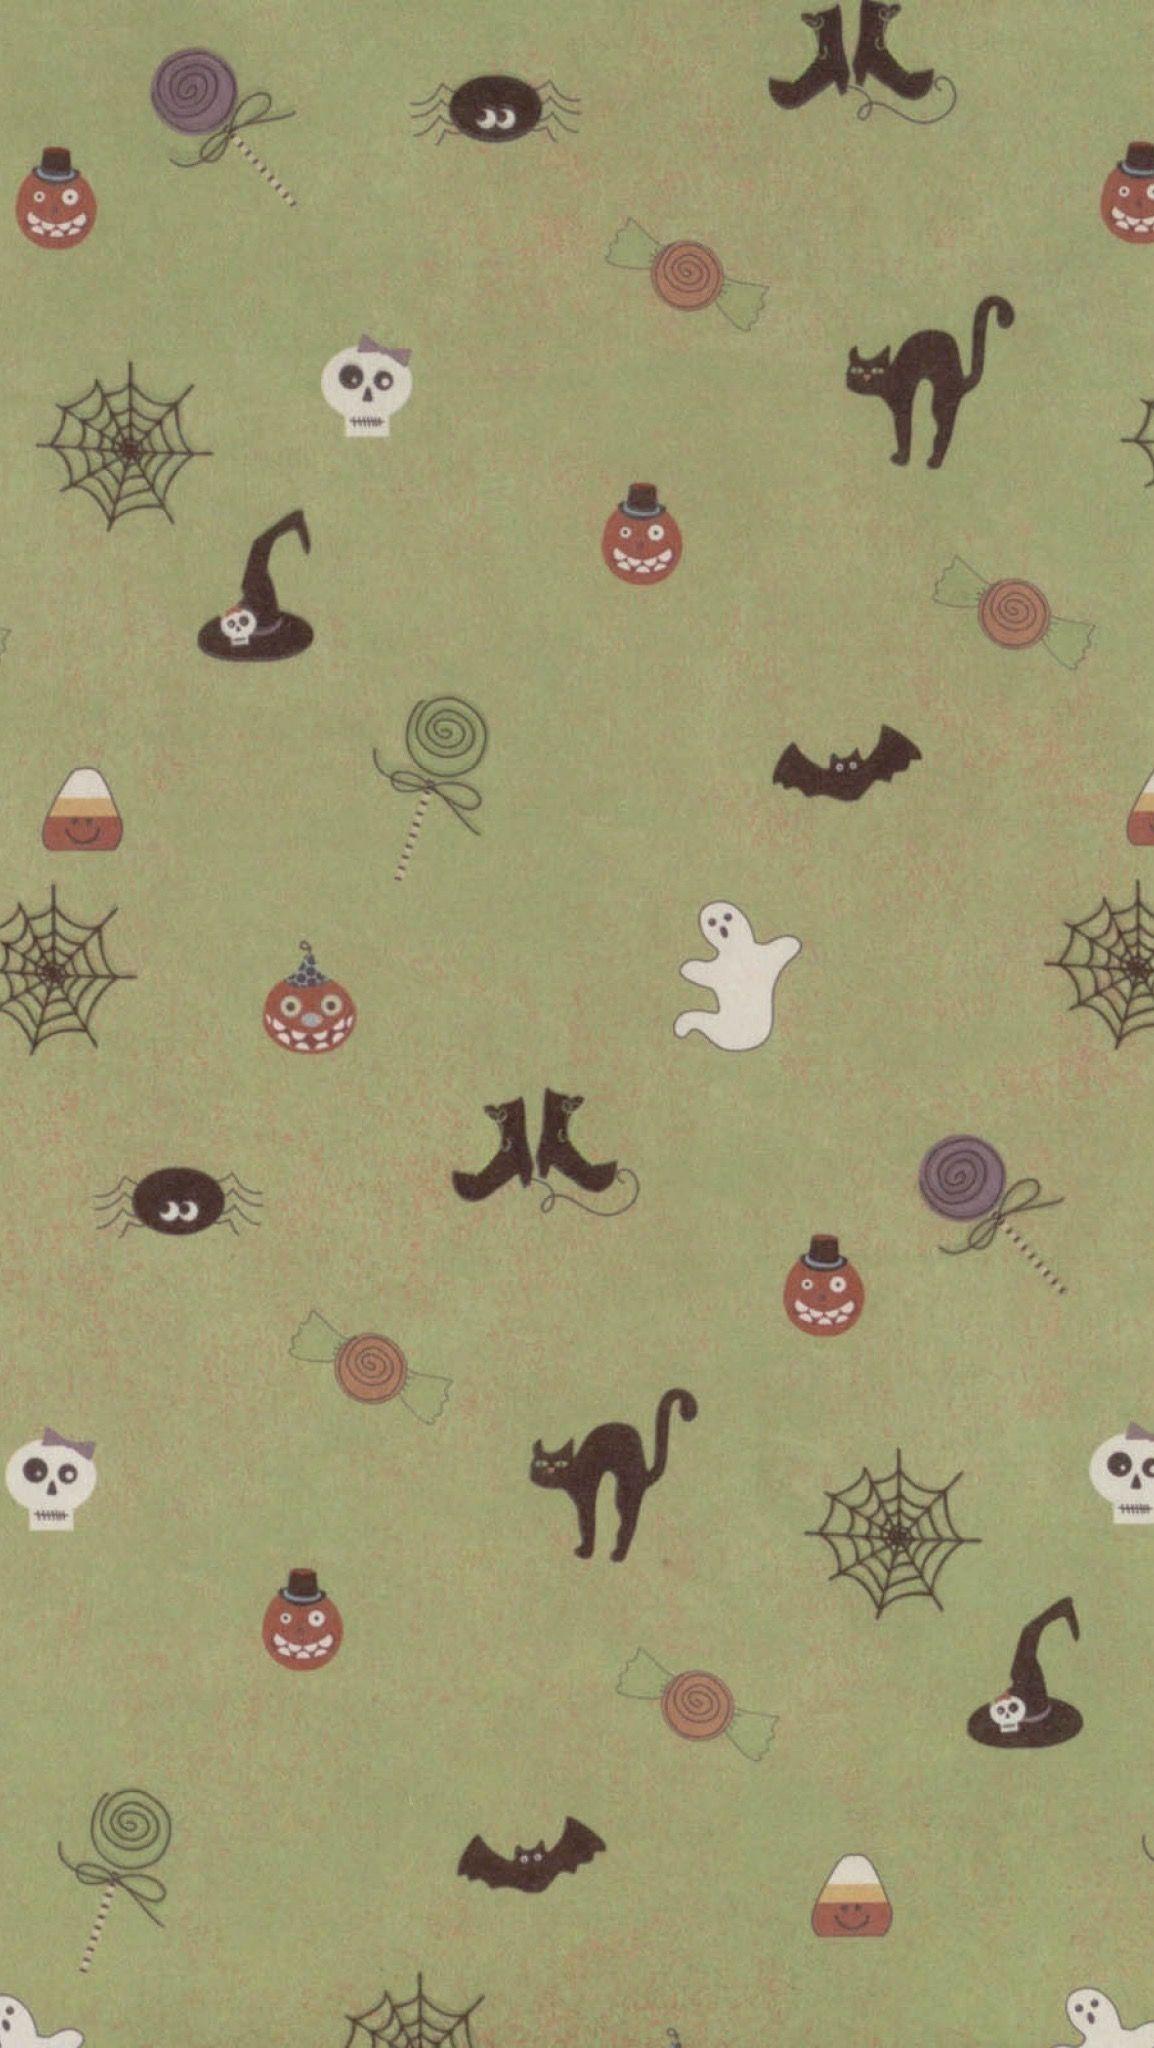 Halloween Wallpaper Iphone Wallpaper Cat Ipod Wallpaper Halloween Wallpaper Iphone